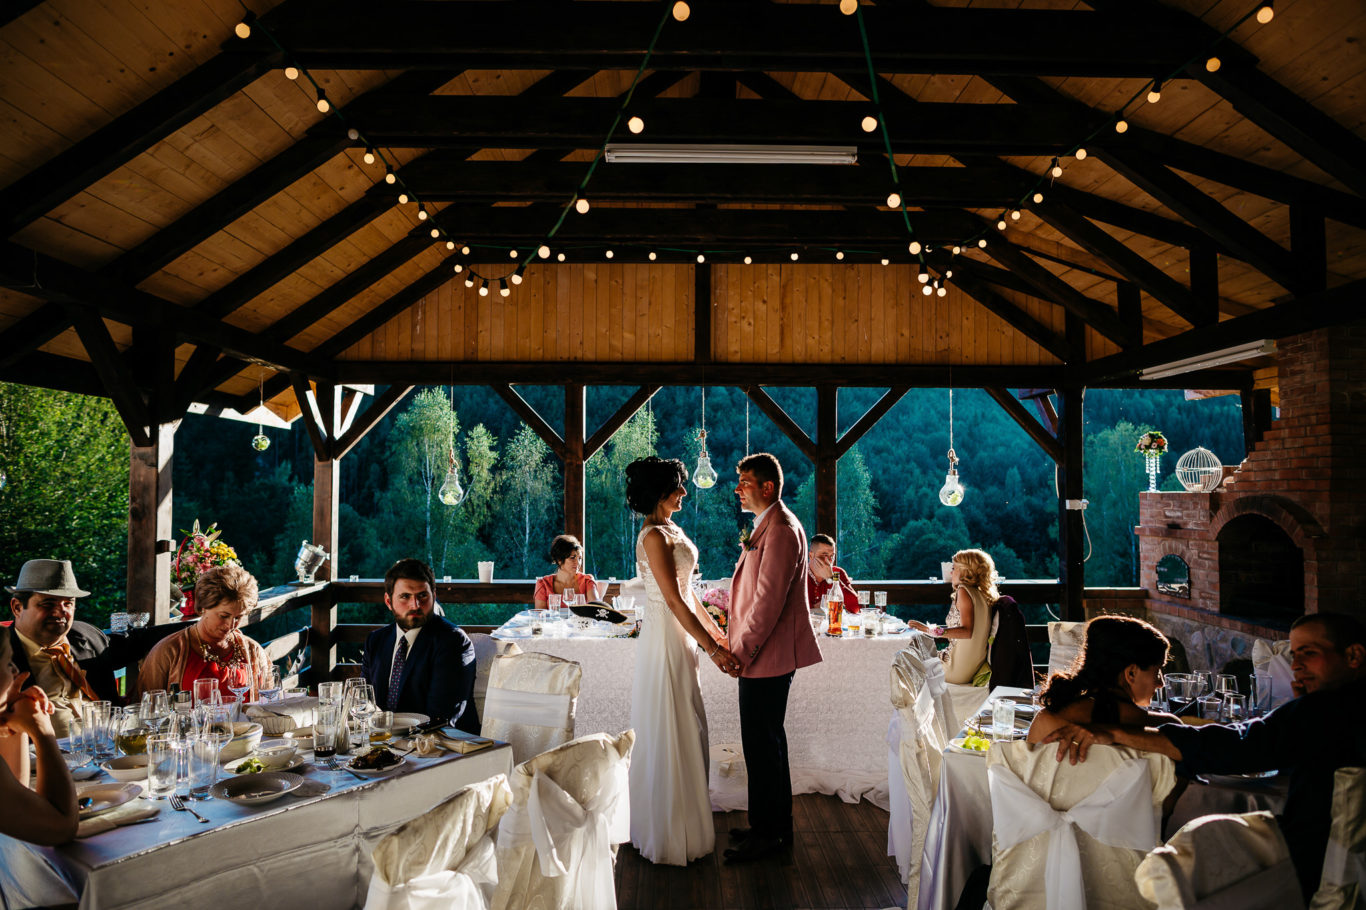 0475-fotografie-nunta-valea-de-pesti-vero-dani-fotograf-ciprian-dumitrescu-cd2_1511